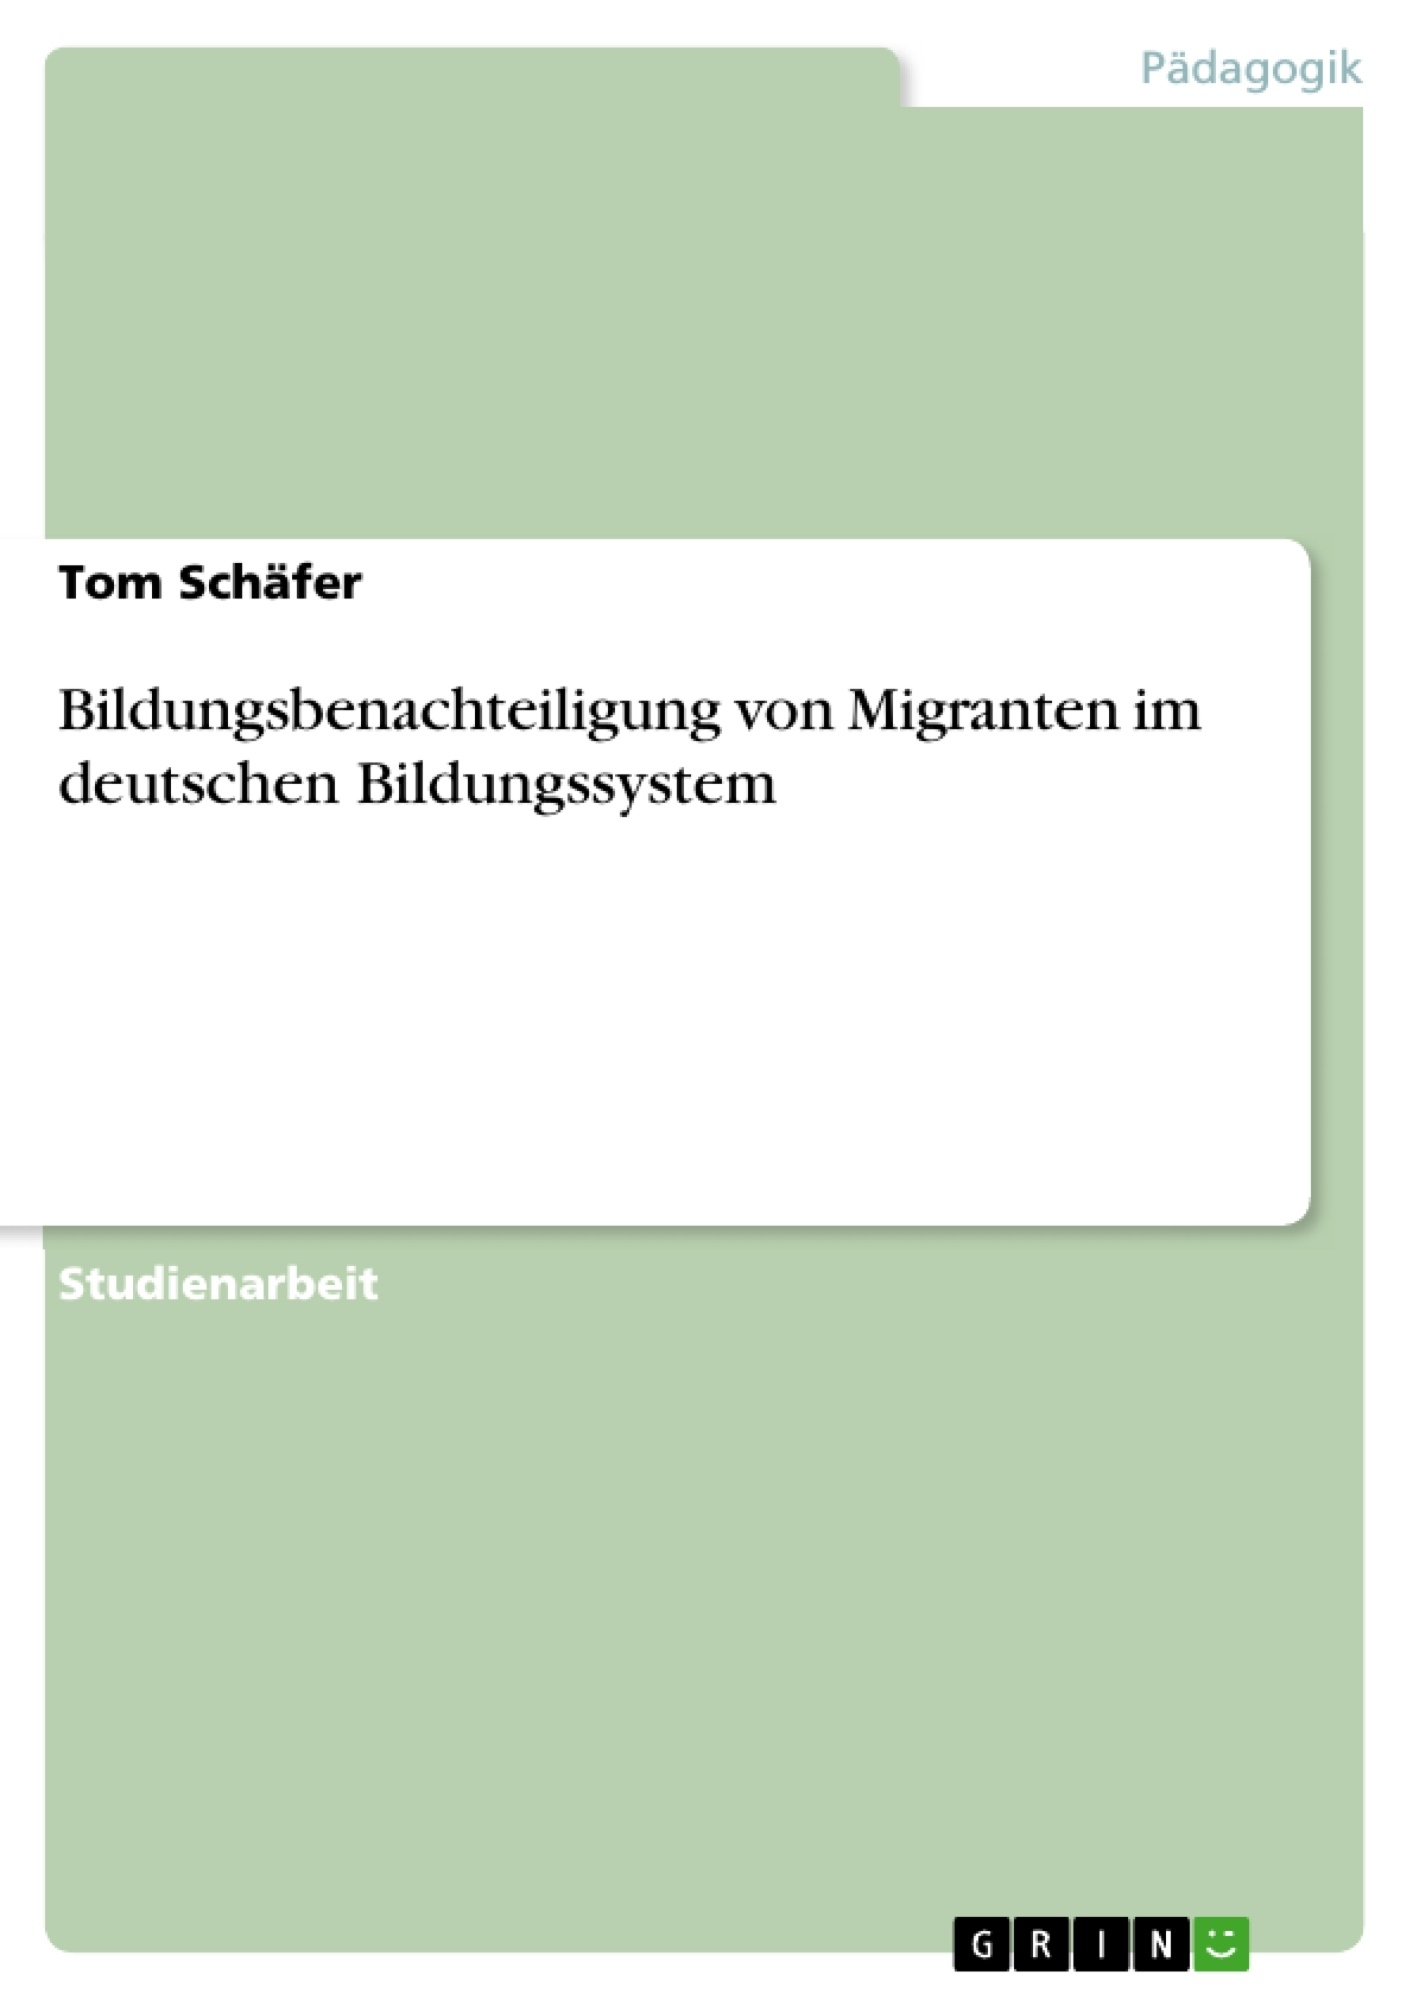 Titel: Bildungsbenachteiligung von Migranten im deutschen Bildungssystem